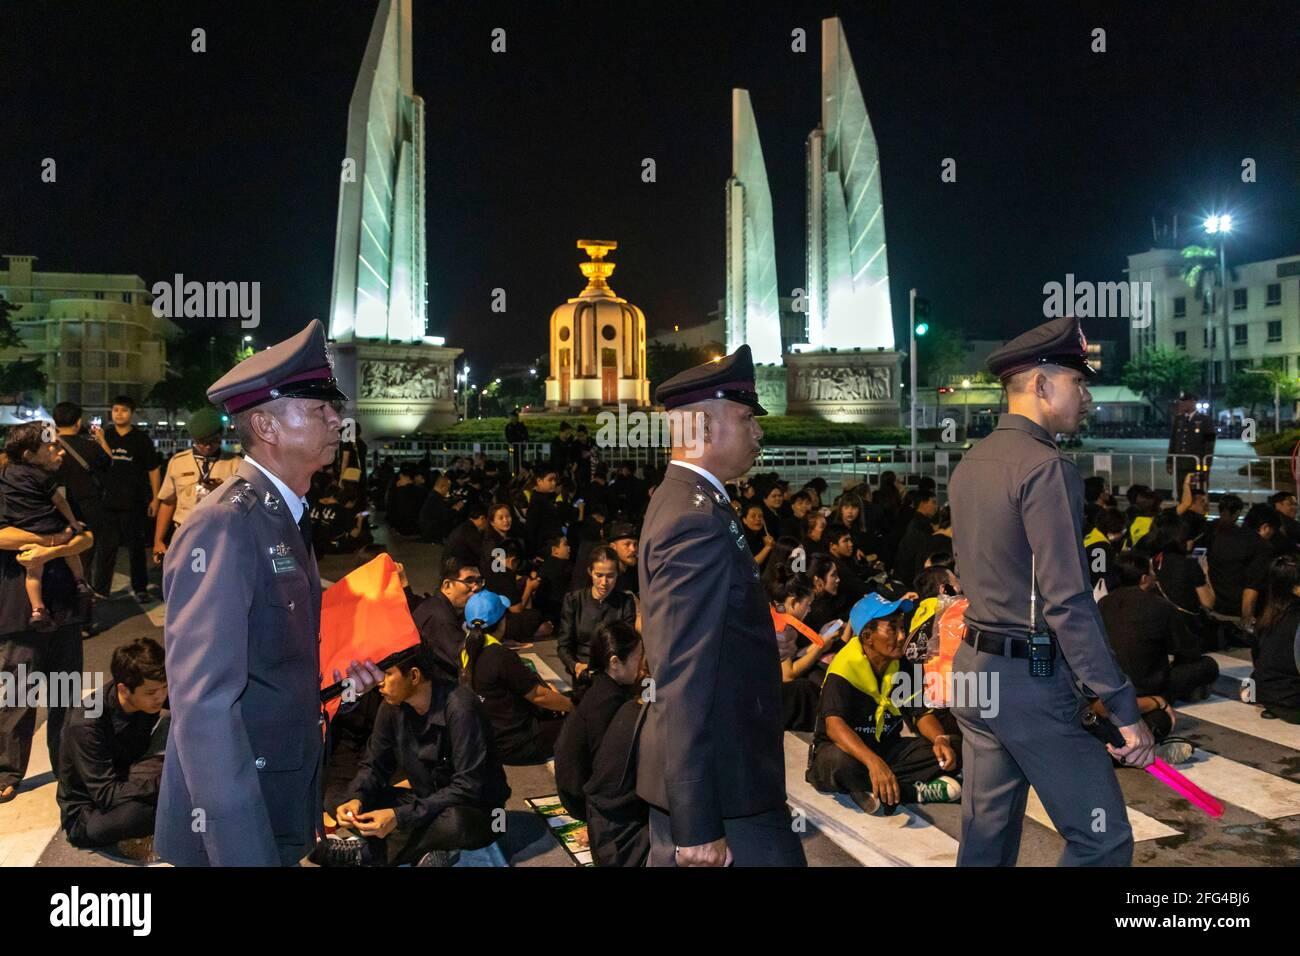 La police et les bourdonneurs aux funérailles du roi Bhumipol, Rama IX, Bangkok, Thaïlande Banque D'Images